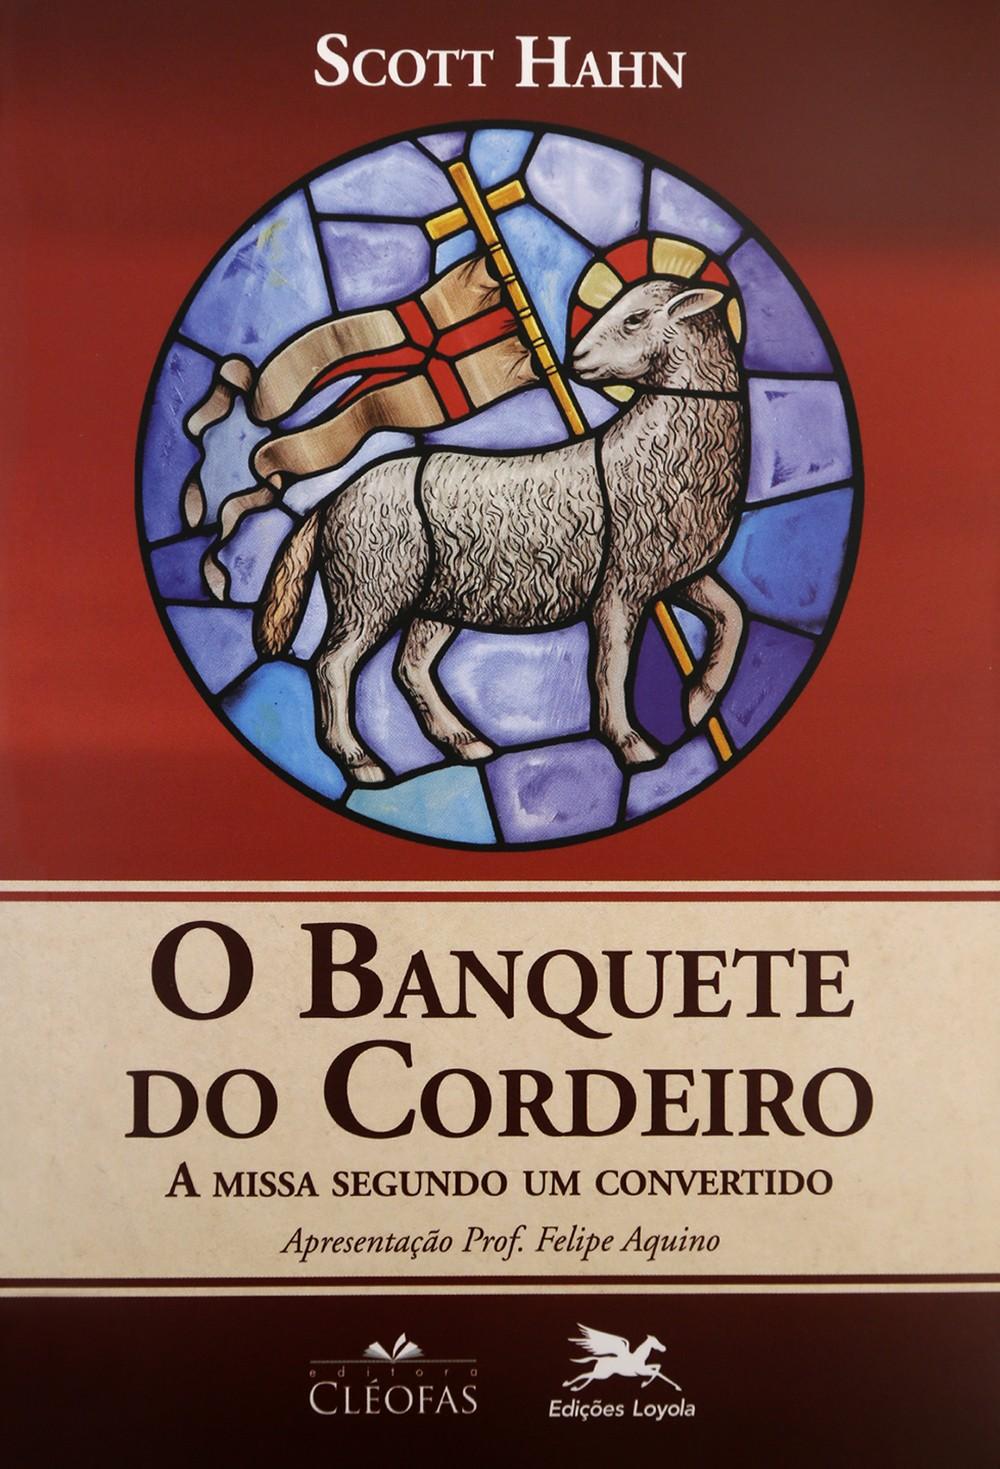 Foto 1 - O Banquete do Cordeiro